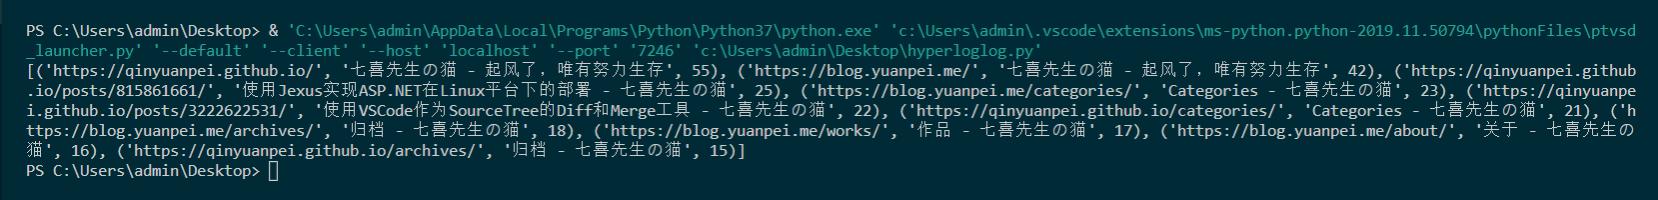 使用HyperLogLog统计访客数目